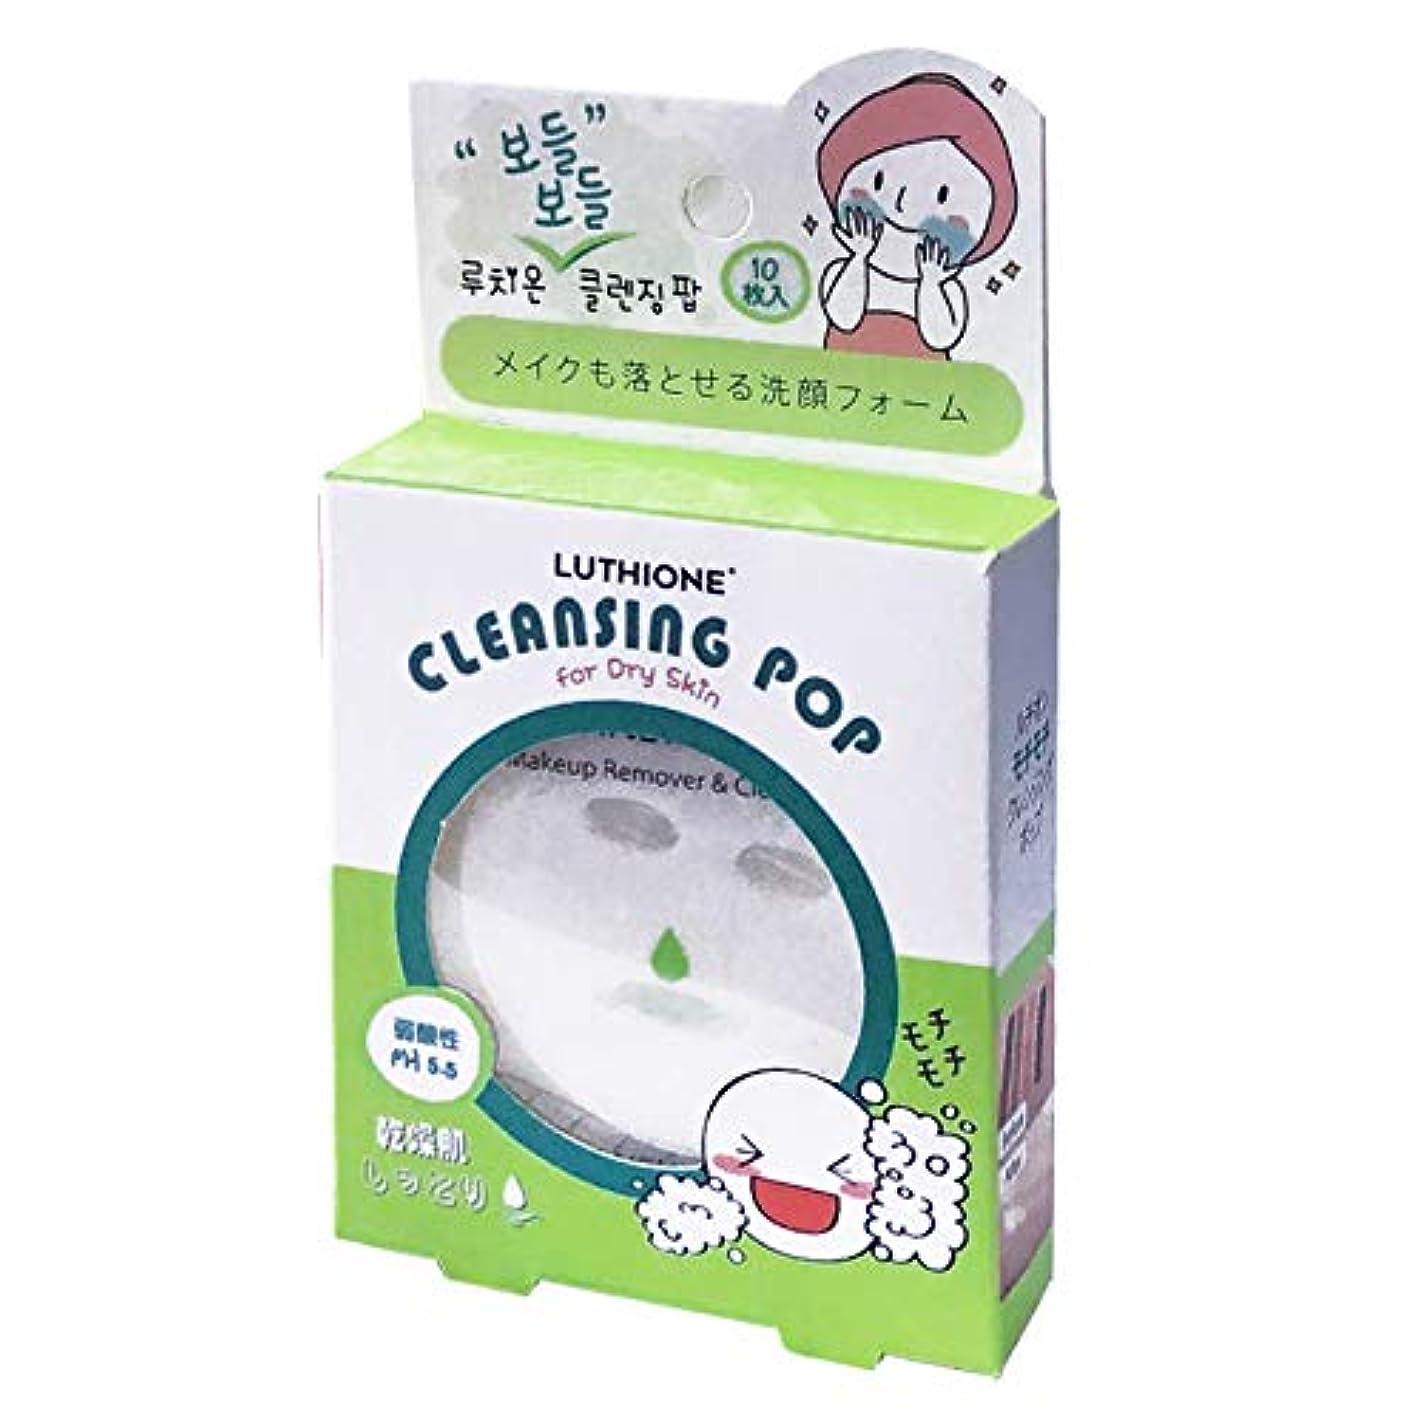 オーバーフローばか見習い【まとめ買い】ルチオン クレンジングポップ (LUTHIONE CLEANSING POP) 乾燥肌 10枚入り ×10個